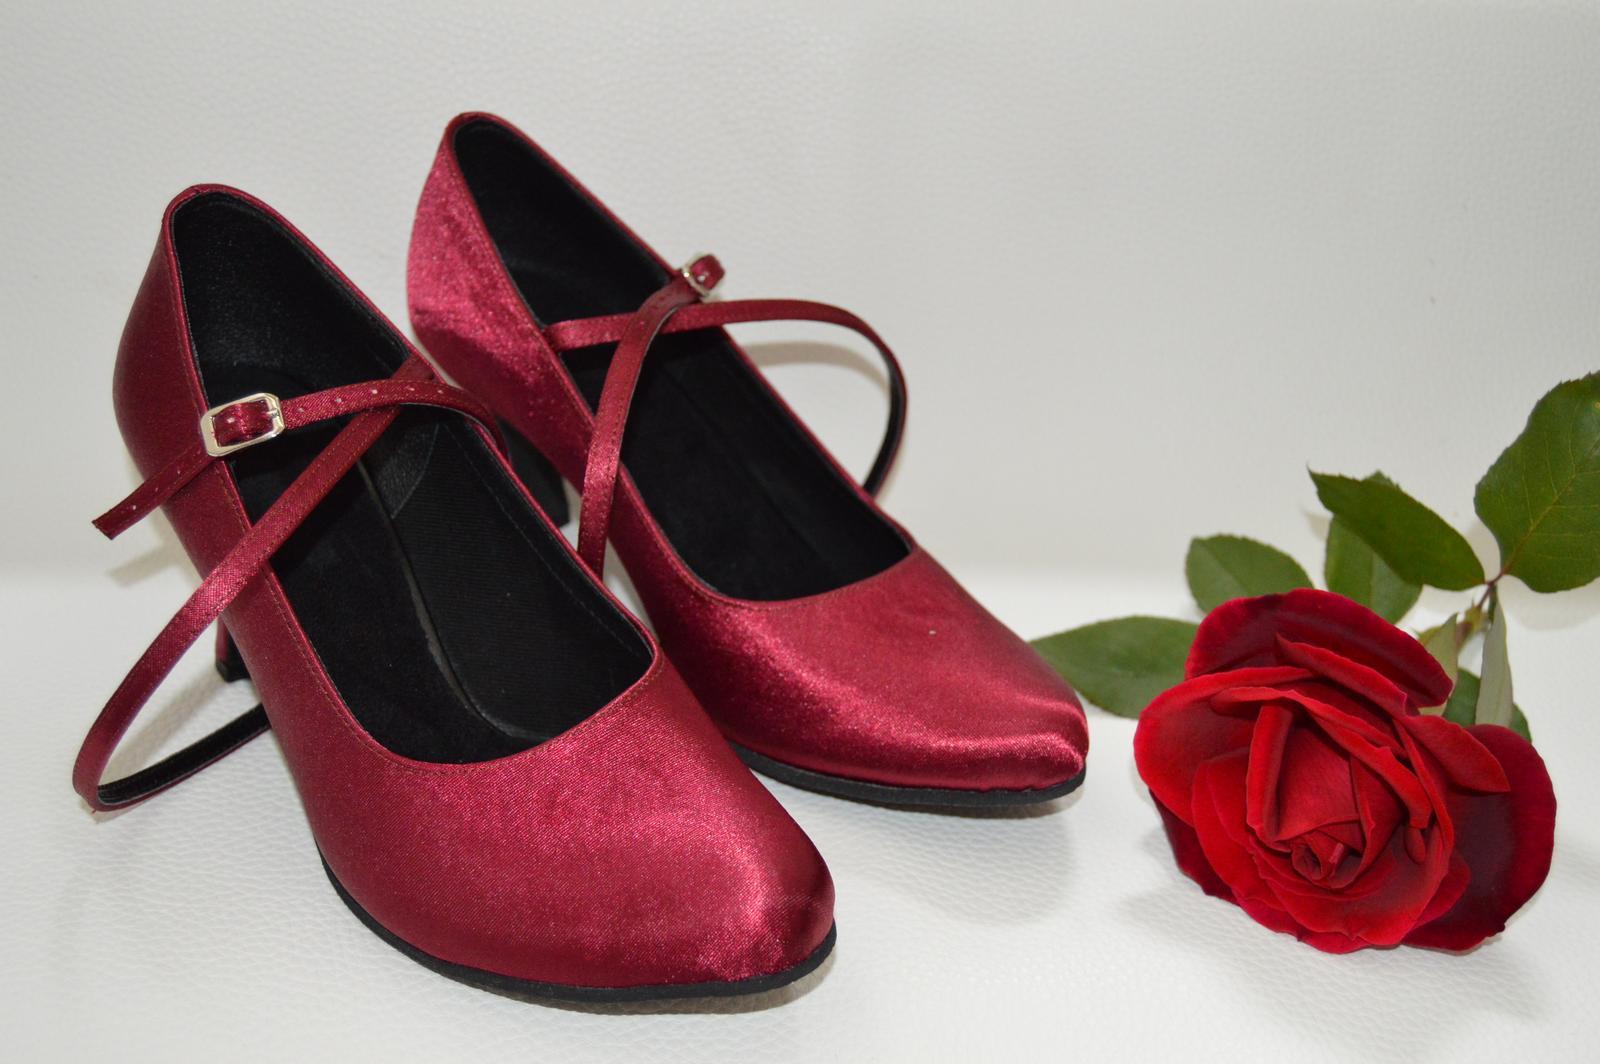 Svadobné topánky s úpravou na želanie - inšpirácie bordó, hnědá, čokoládová - Svadobné a spoločenské lodičky model Carla satén bordó - úpravy podľa želania klientky